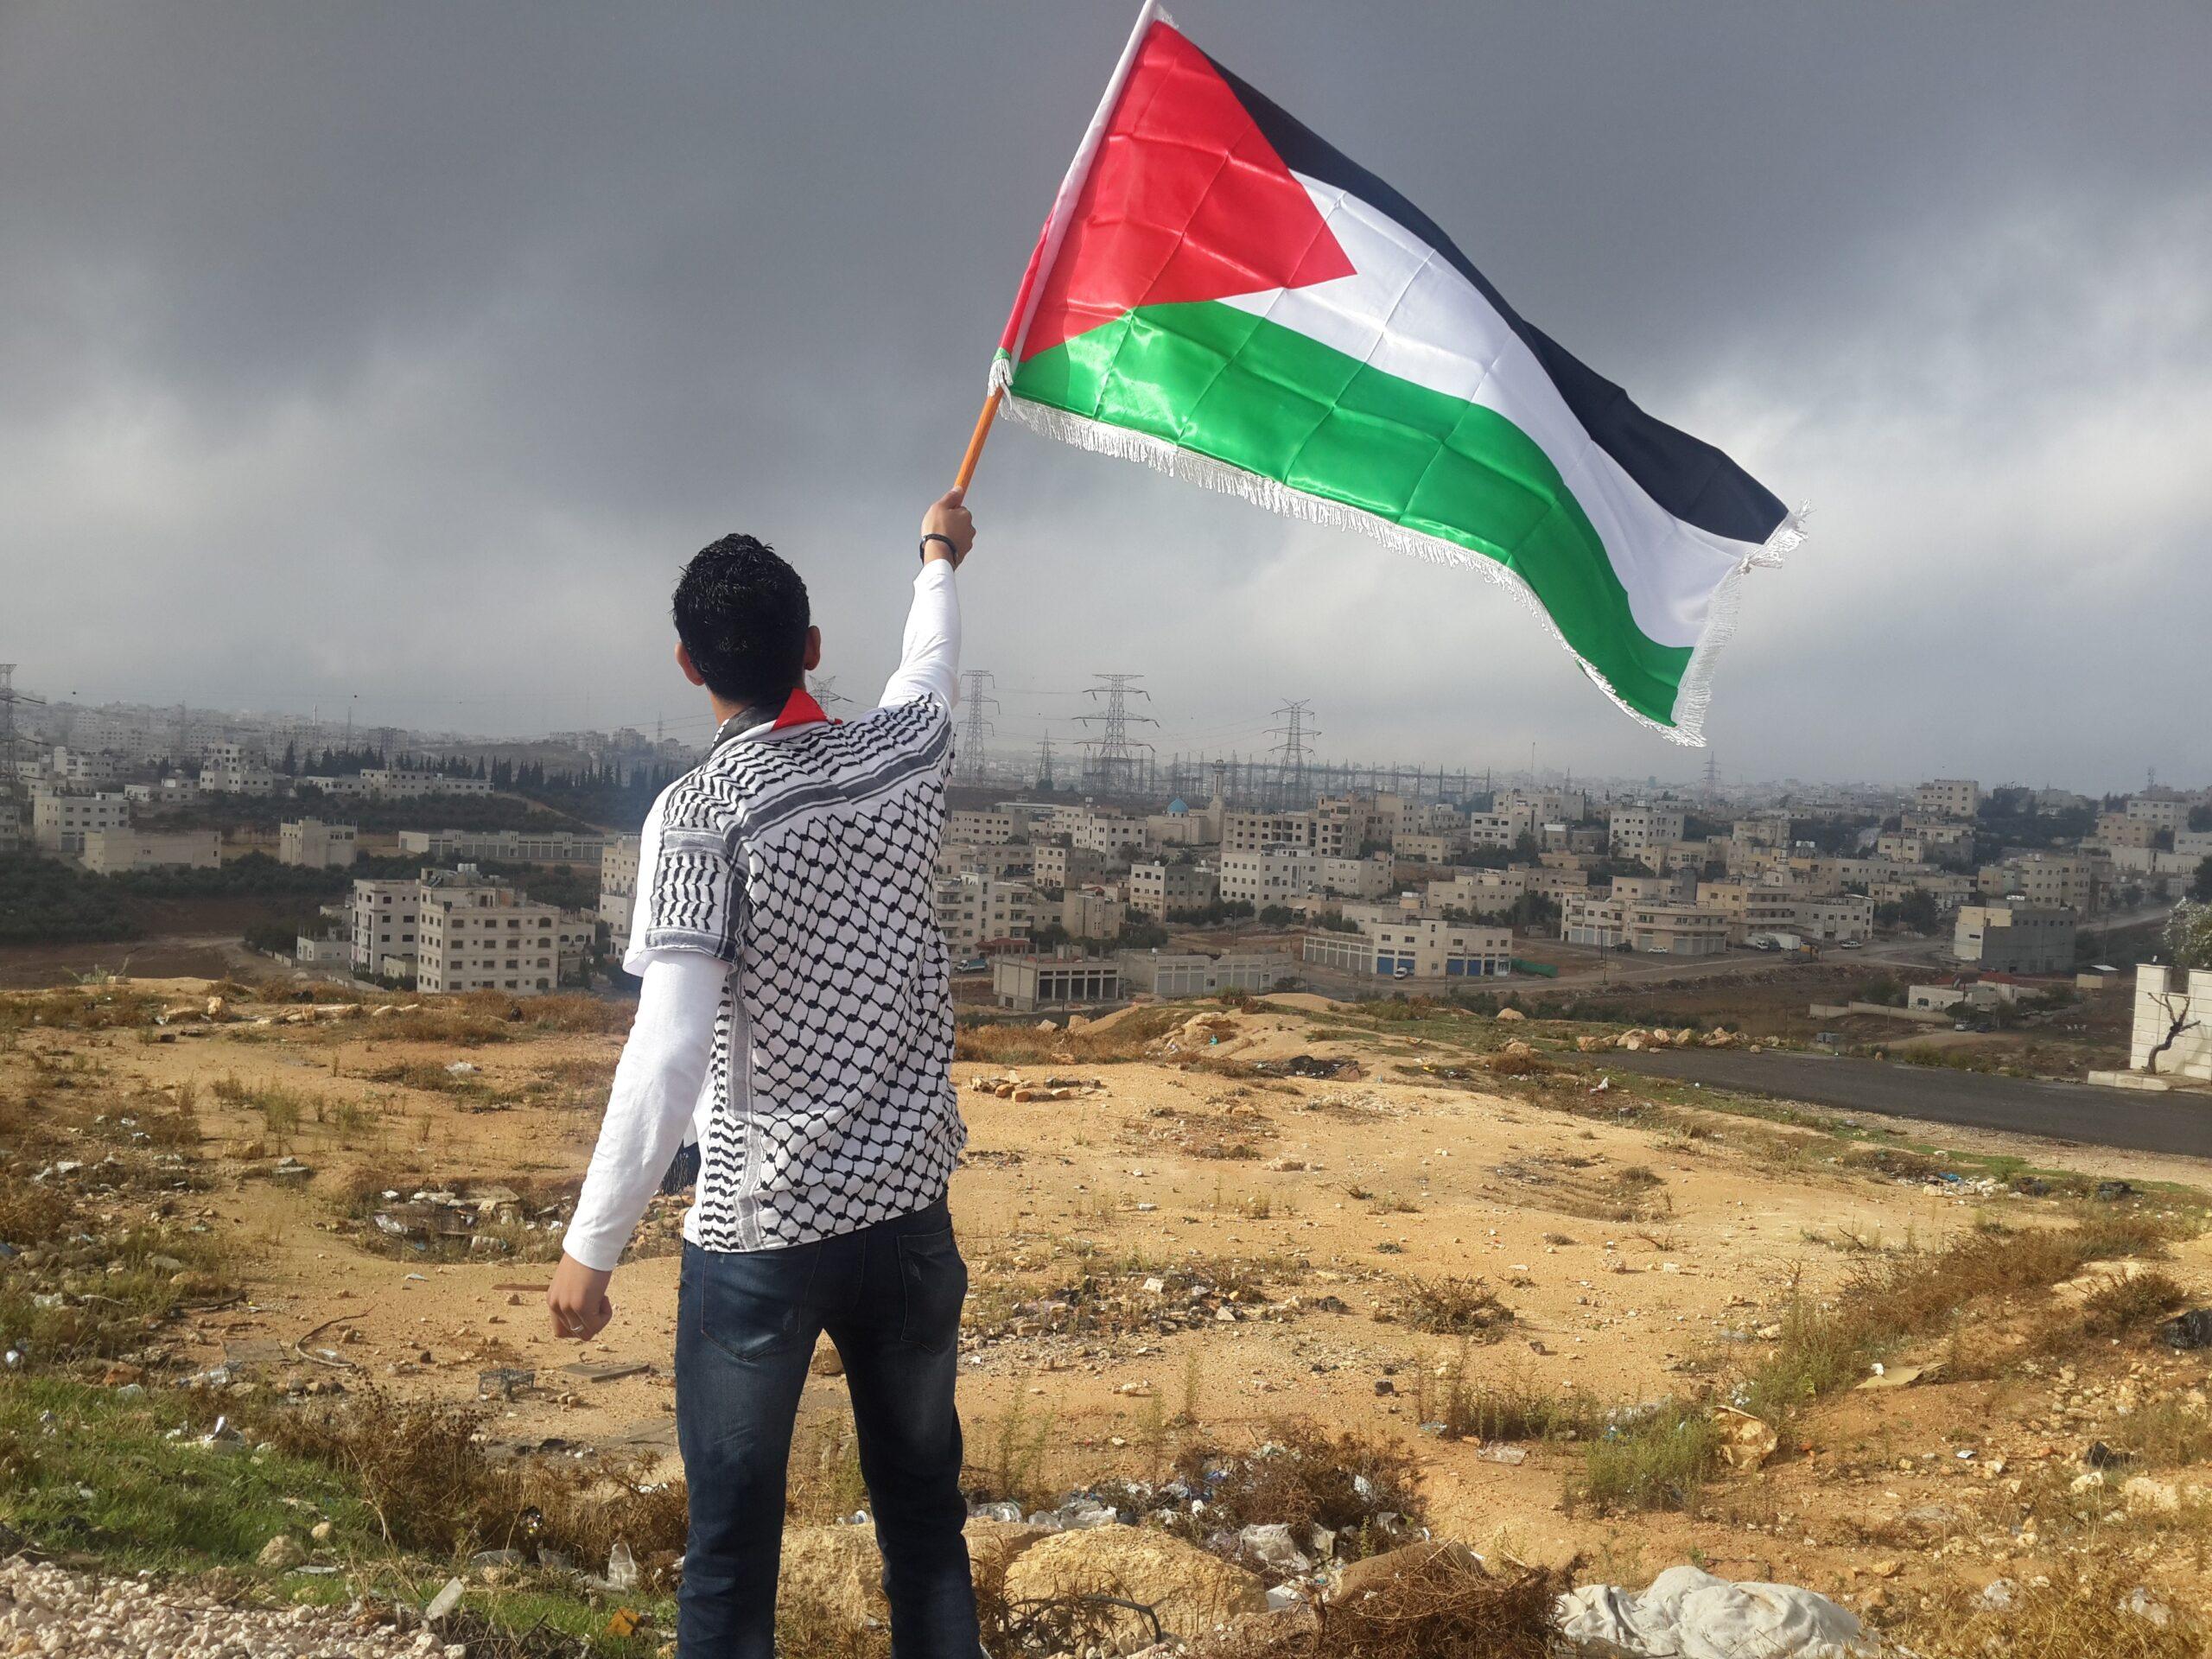 Imagen de la noticia Protección integrada de los derechos y la dignidad de la población palestina bajo ocupación conforme al DIH y el DIDH, con especial énfasis en la equidad de género, la protección de la infancia y el RRD